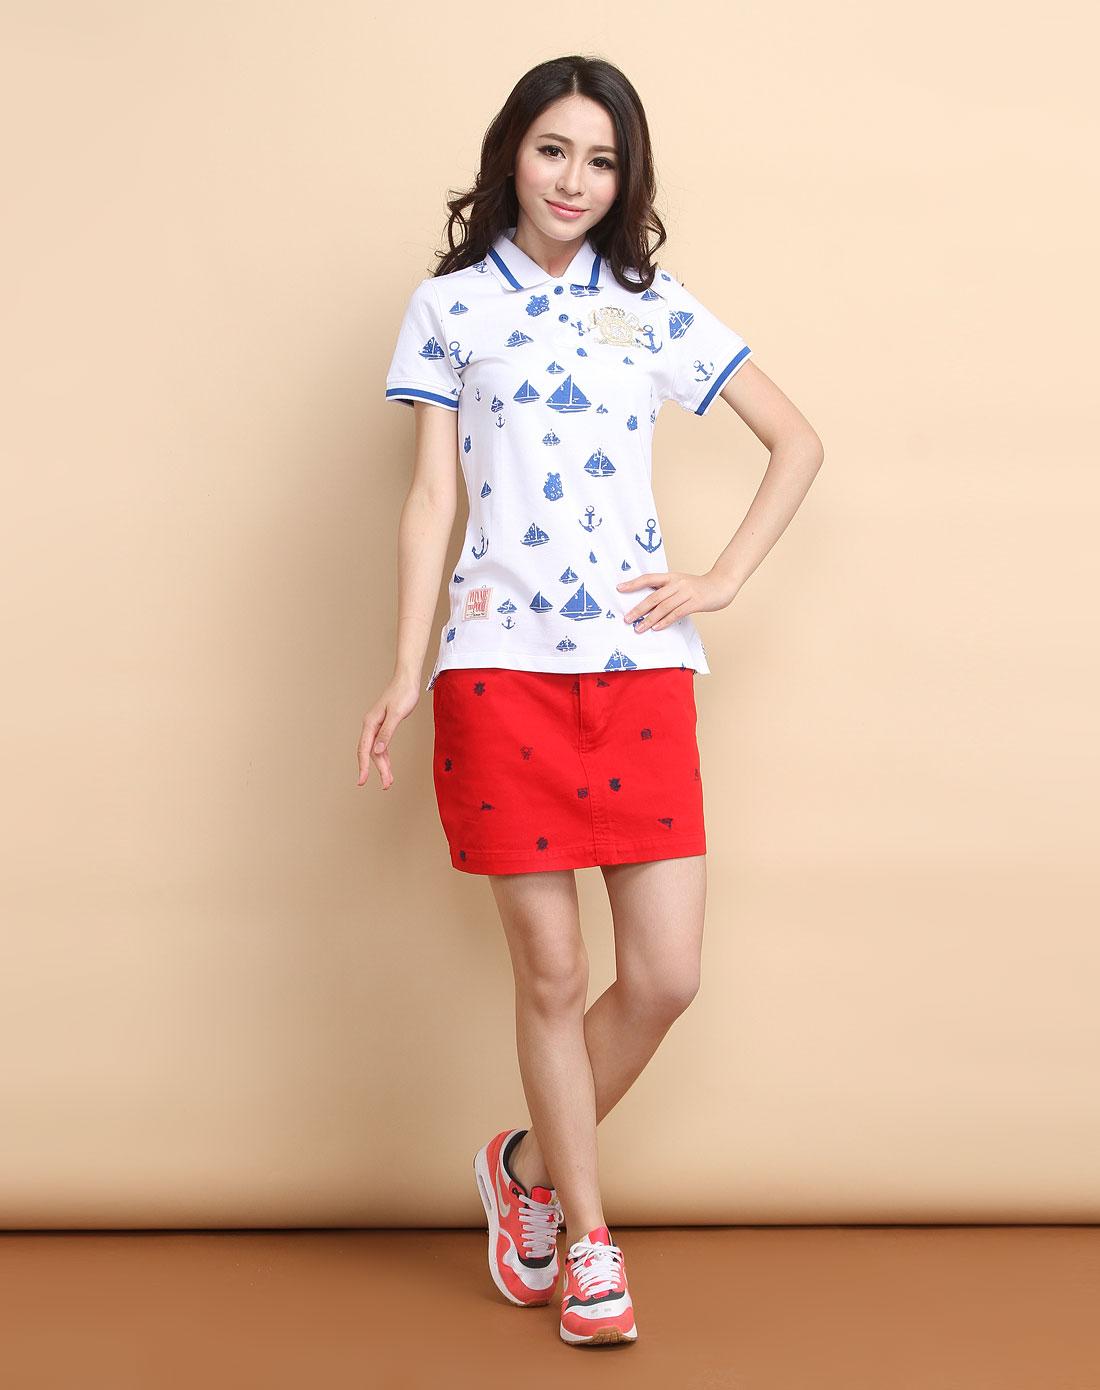 小熊维尼winnie the pooh白针织短袖t恤ps19201080